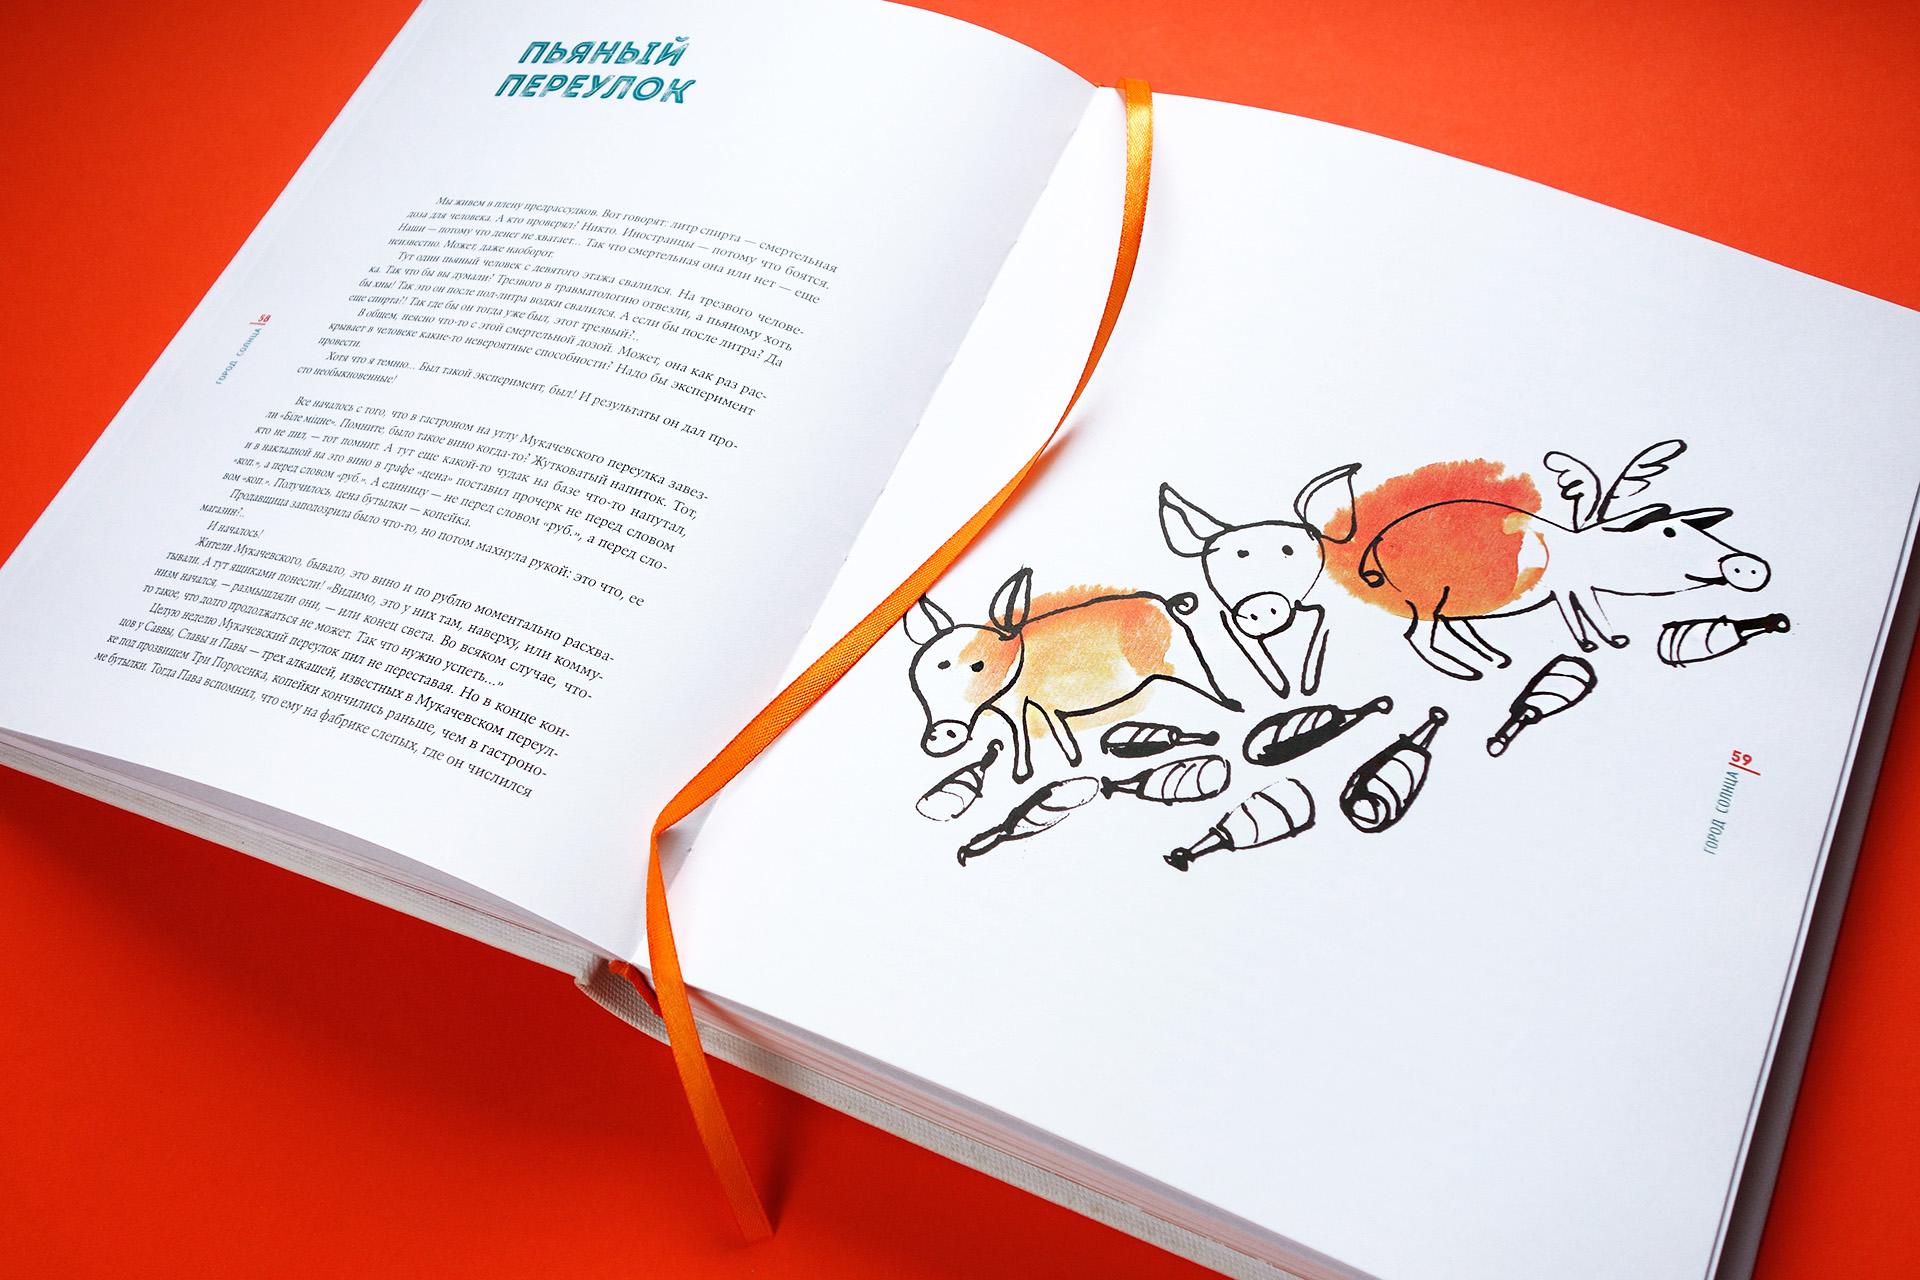 Агентство Asgard Branding, дизайн, дизайн книги, Георгий Голубенко, Михаил Рева, иллюстрации